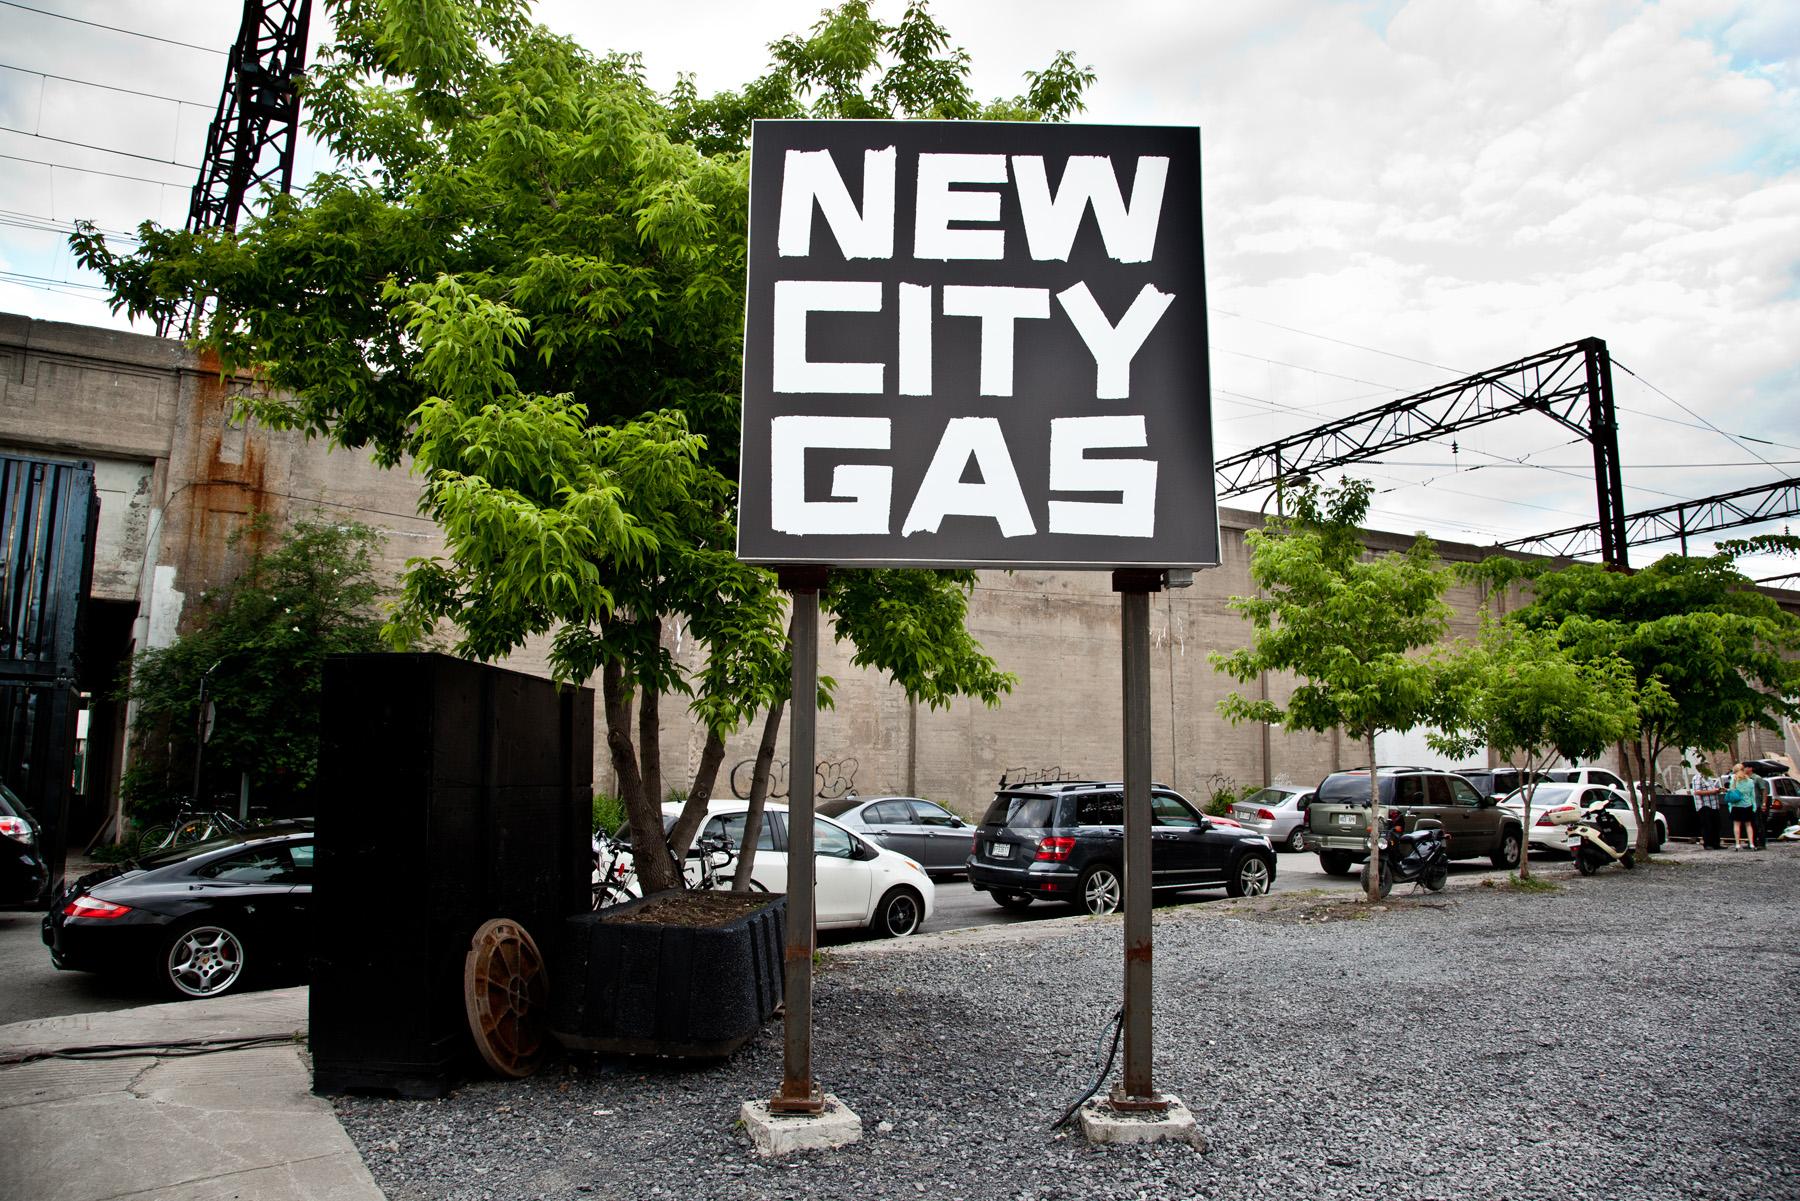 New City Gas, la nouvelle salle de Griffintown, promet de chauds 5 à 7 cet été